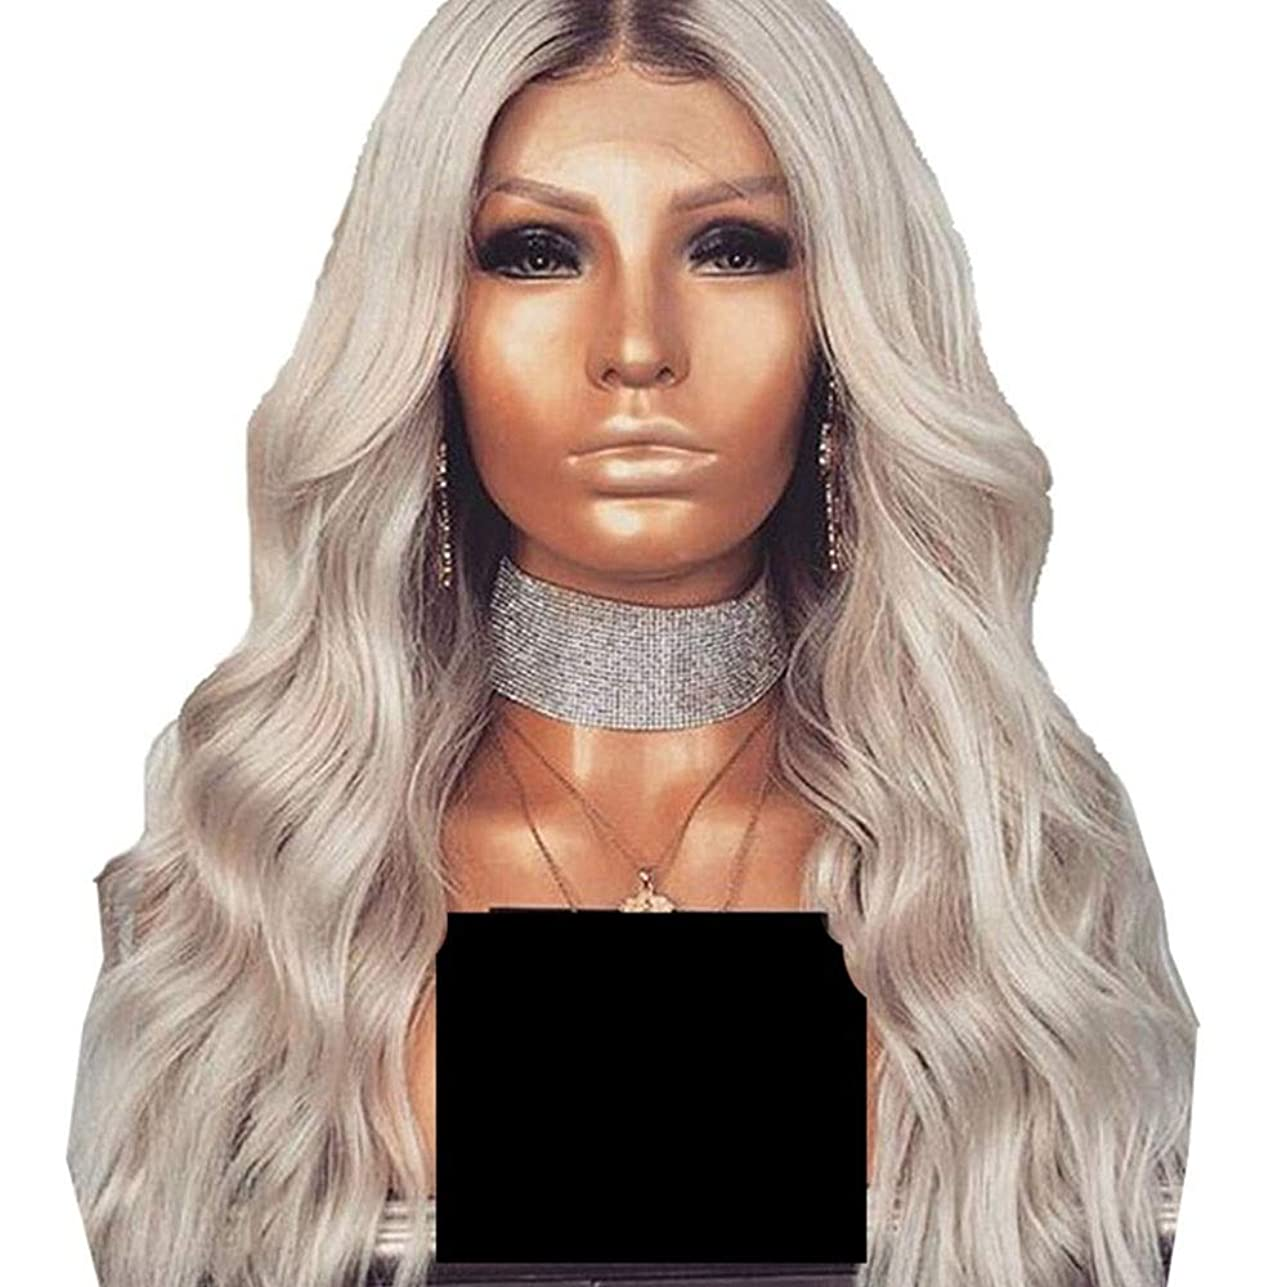 大宇宙参照する挨拶するYrattary グラデーションシルバーグレーの長い波状の巻き毛のかつら女性のための前髪付き人工毛レースのかつらロールプレイングかつら (色 : Silver grey)